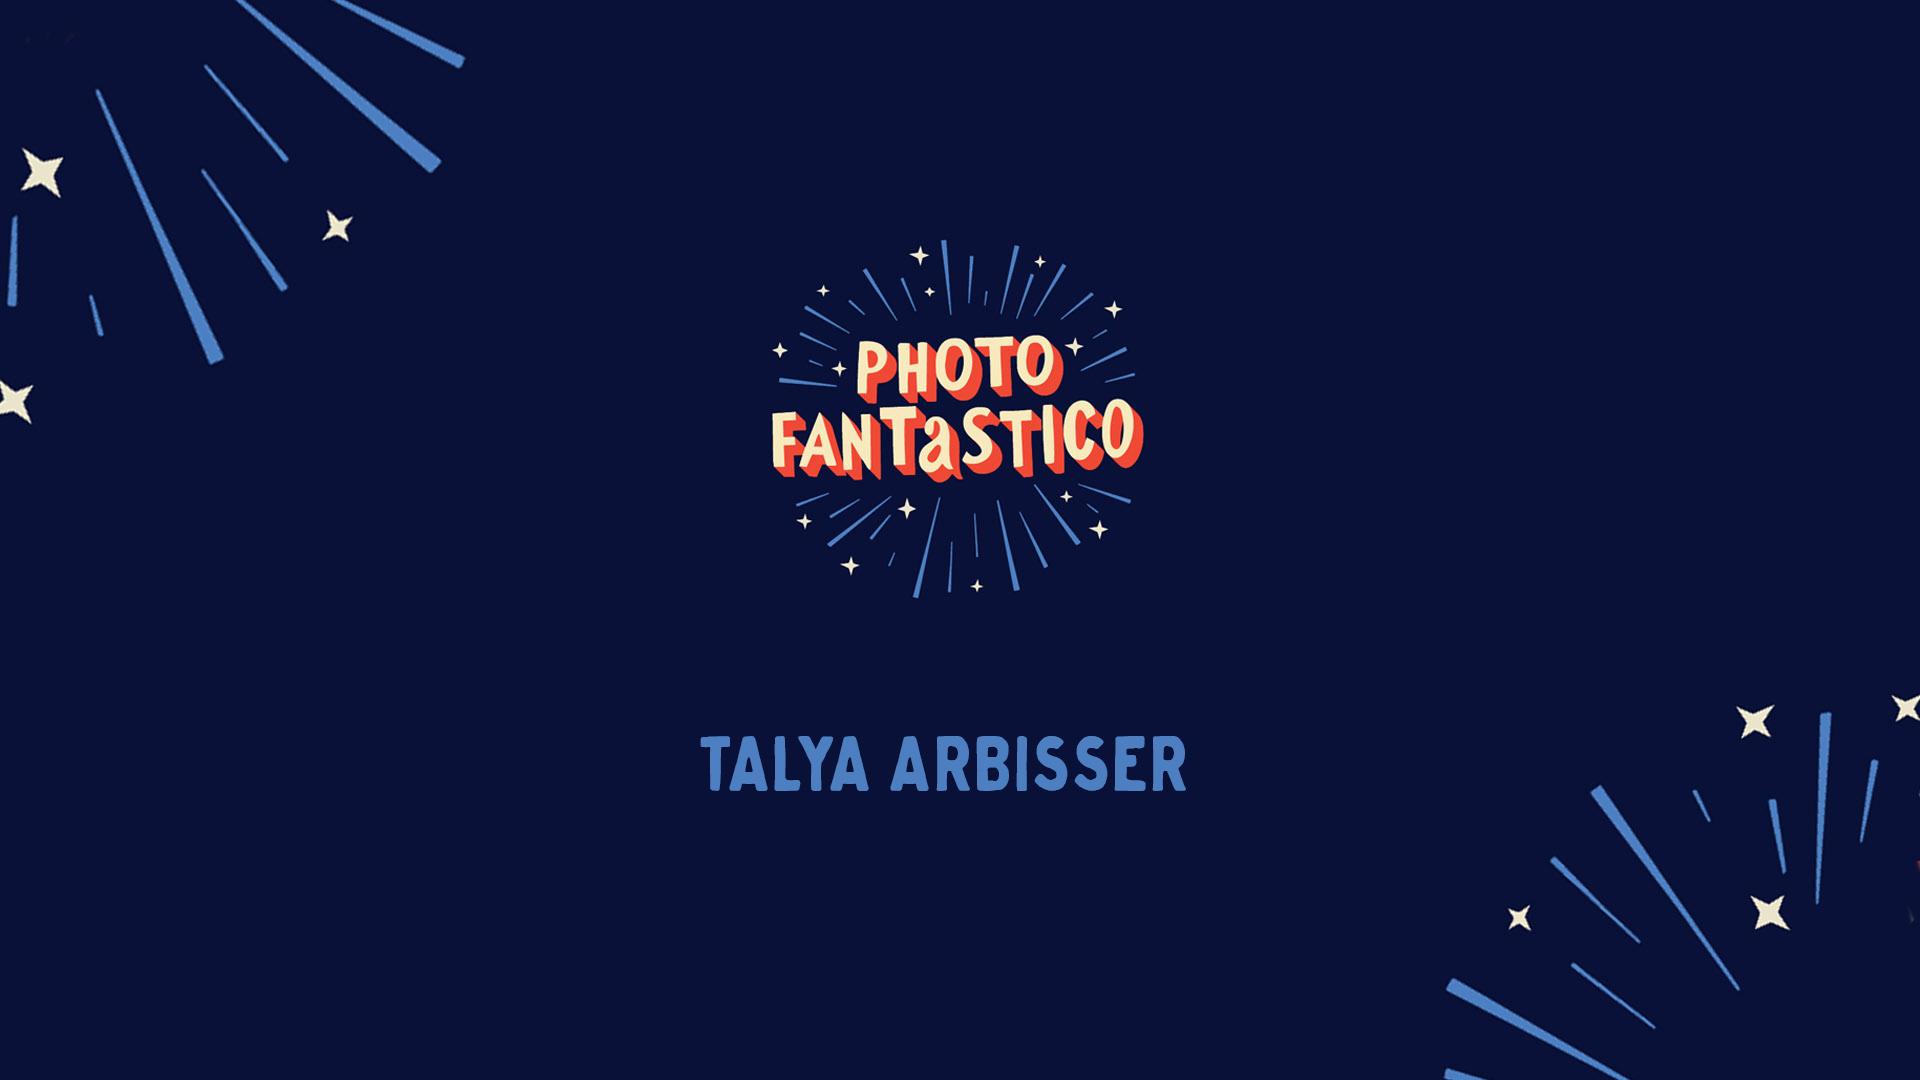 Talya Arbisser